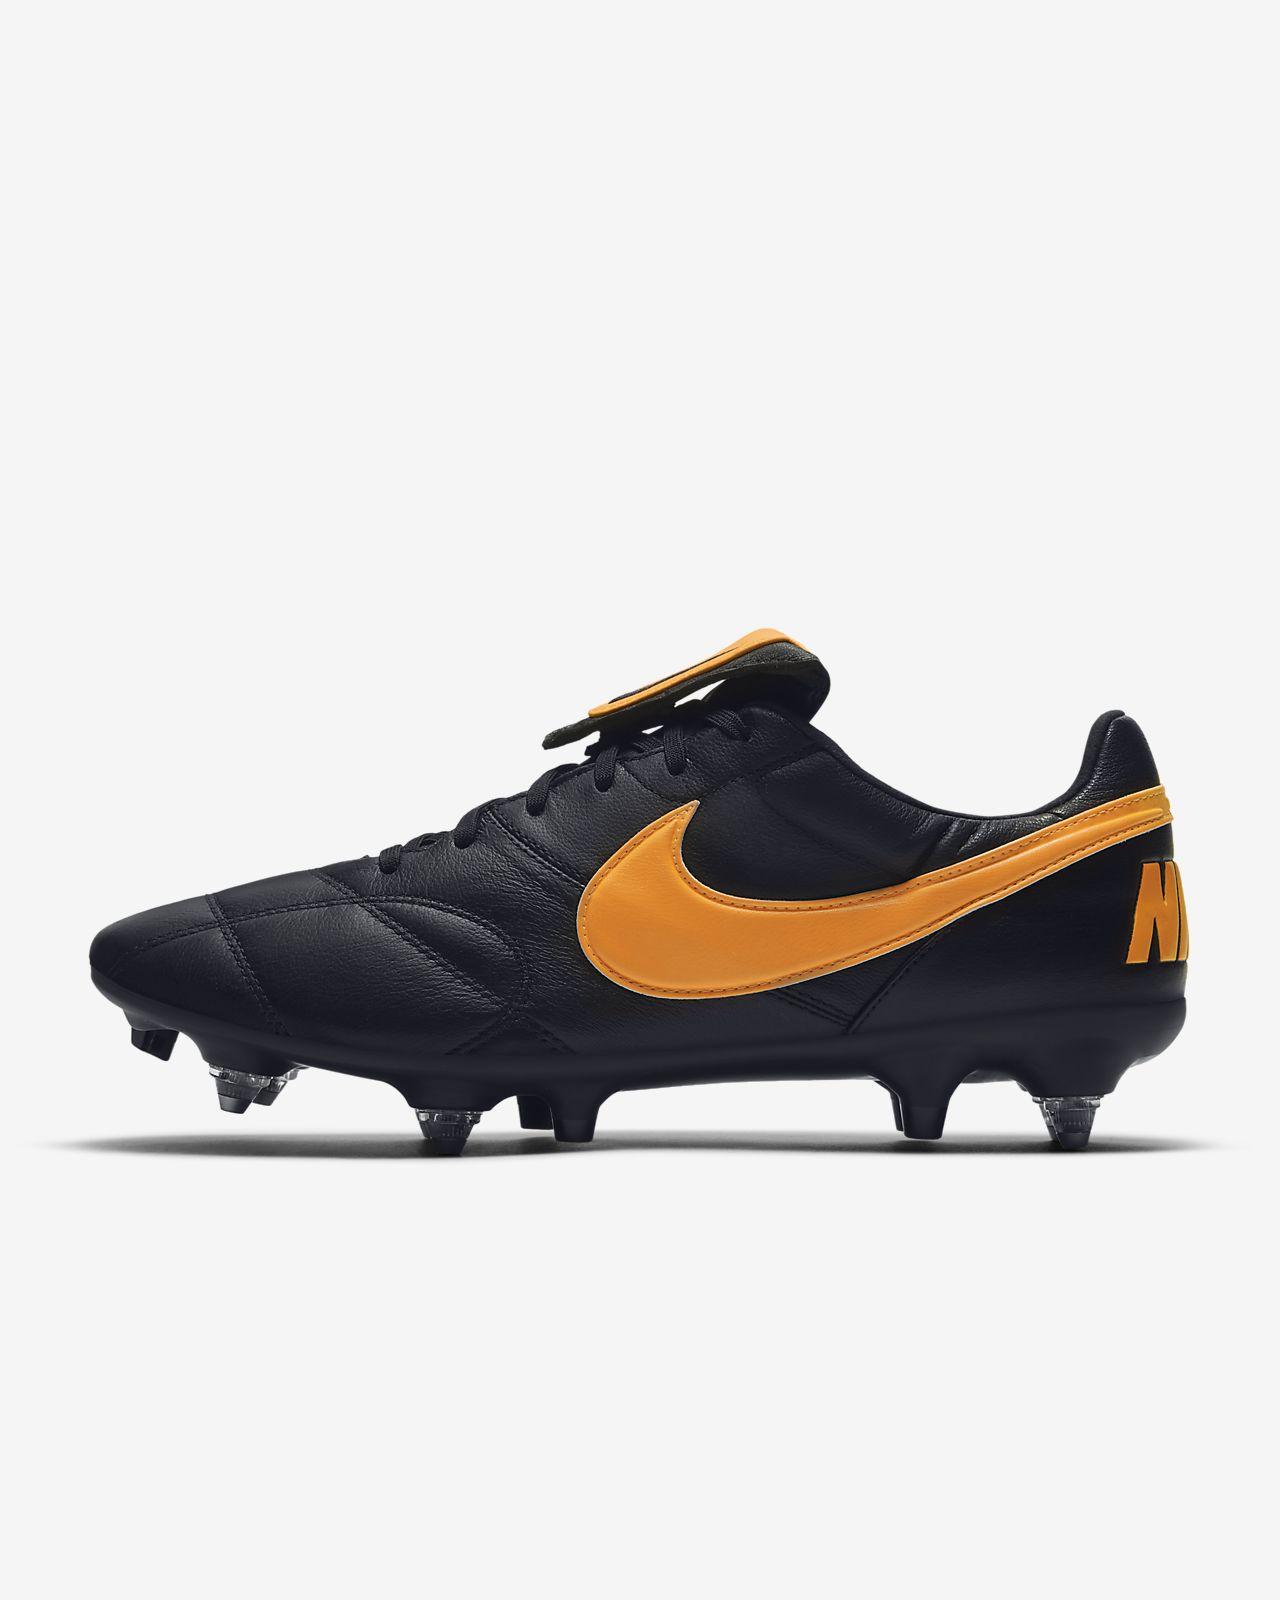 Buty piłkarskie na miękką murawę Nike Premier II Anti-Clog Traction SG-PRO